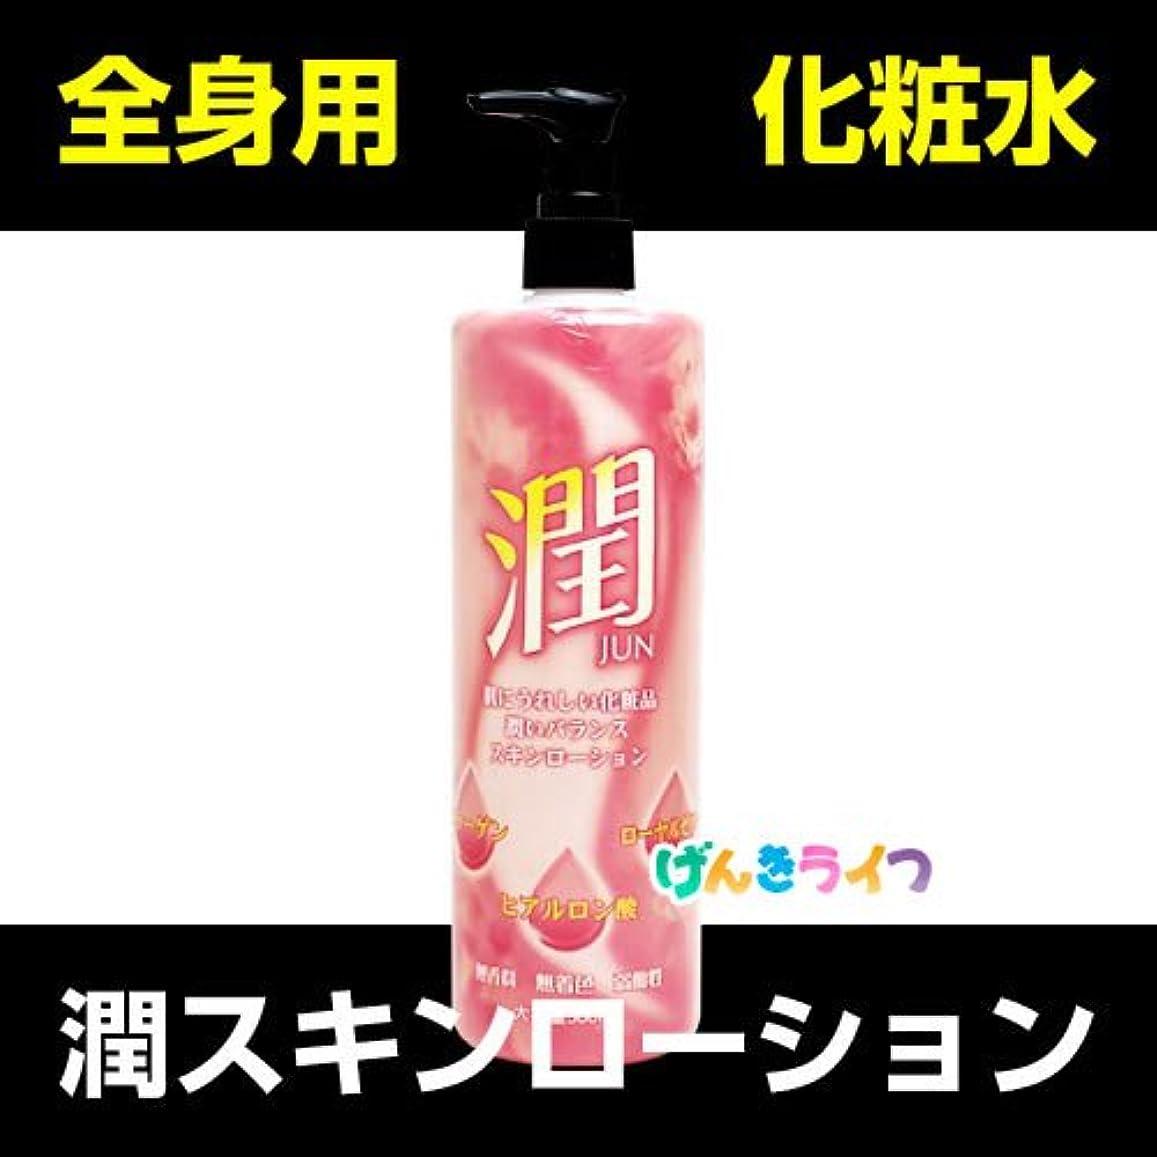 達成モスク決定する潤スキンローション(全身用化粧水)【2個】